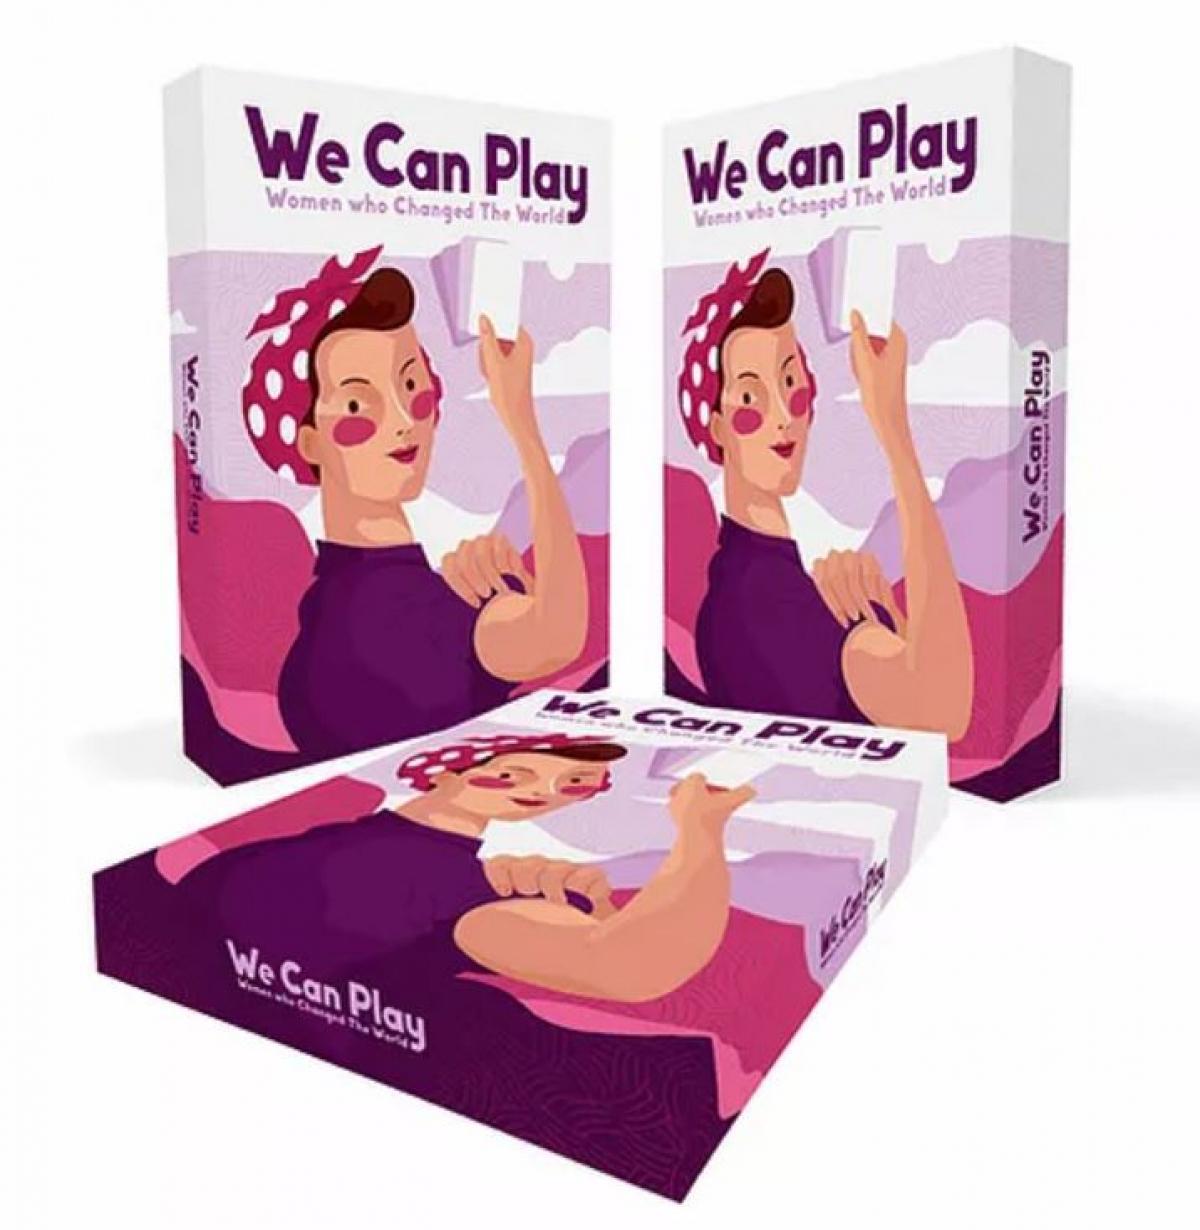 """{""""ca"""":""""Joc de cartes WE CAN PLAY en Angl\u00e8s - Venda 19'50\u20ac"""",""""de"""":"""""""",""""en"""":"""""""",""""es"""":""""Juego de cartas WE CAN PLAY en Ingl\u00e9s - Venta a 19'50\u20ac"""",""""fr"""":"""""""",""""it"""":"""""""",""""pt"""":""""""""}"""